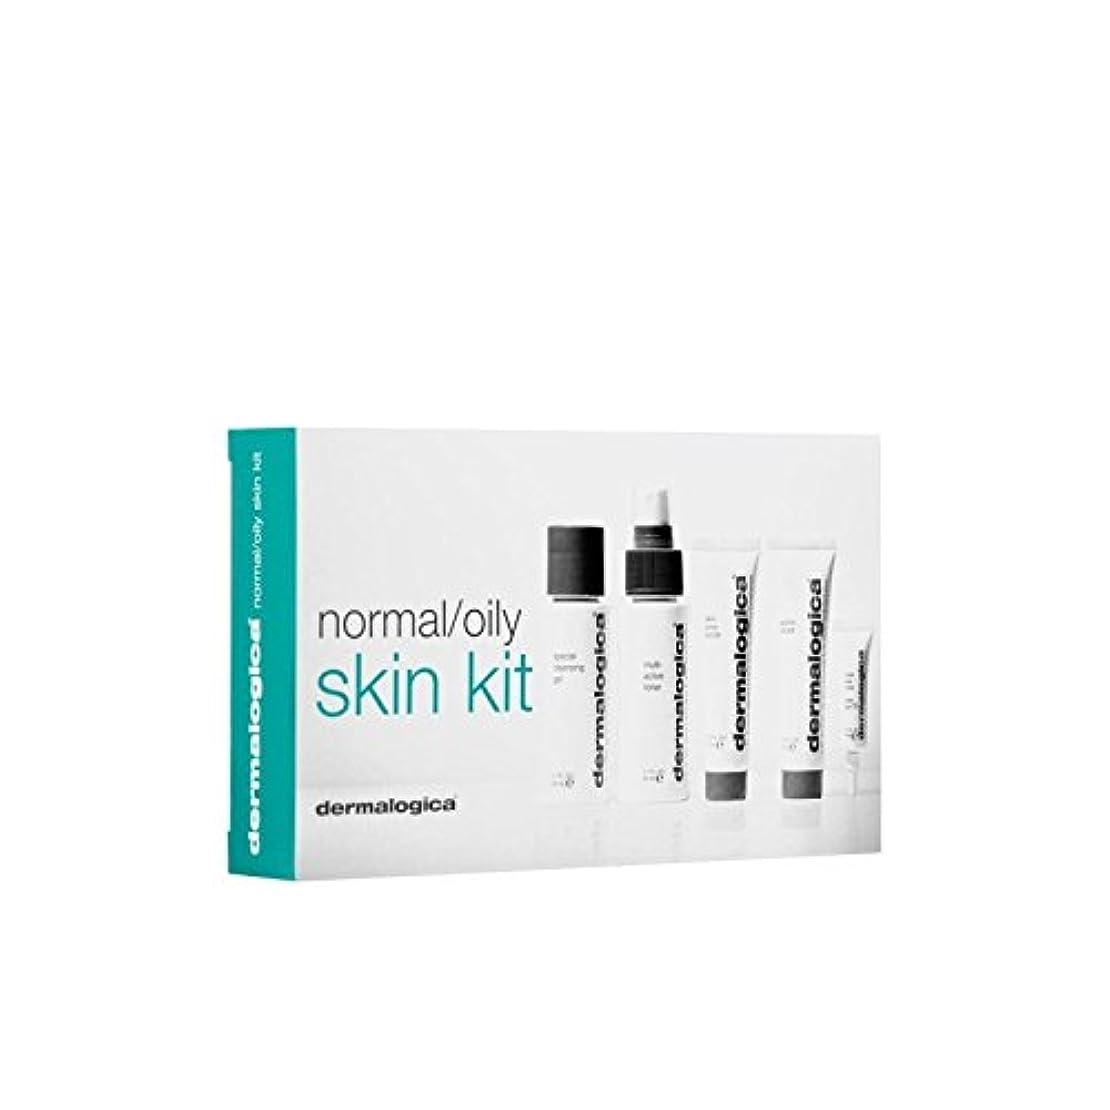 みぞれ渇き濃度ダーマロジカスキンキット - ノーマル/オイリー(5製品) x2 - Dermalogica Skin Kit - Normal/Oily (5 Products) (Pack of 2) [並行輸入品]